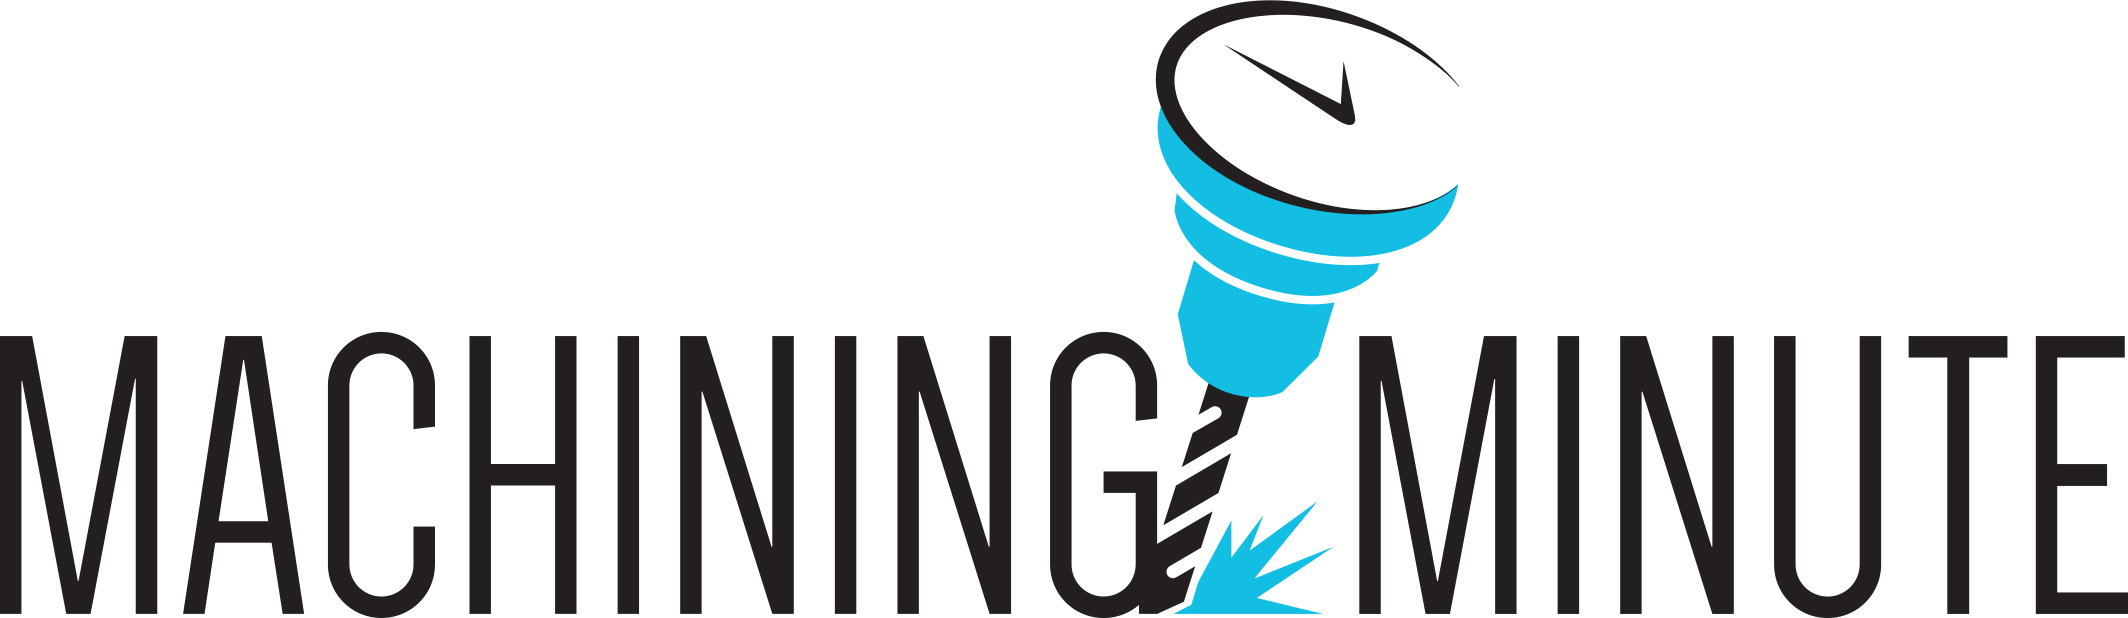 Machining-Minute-Logo.jpg